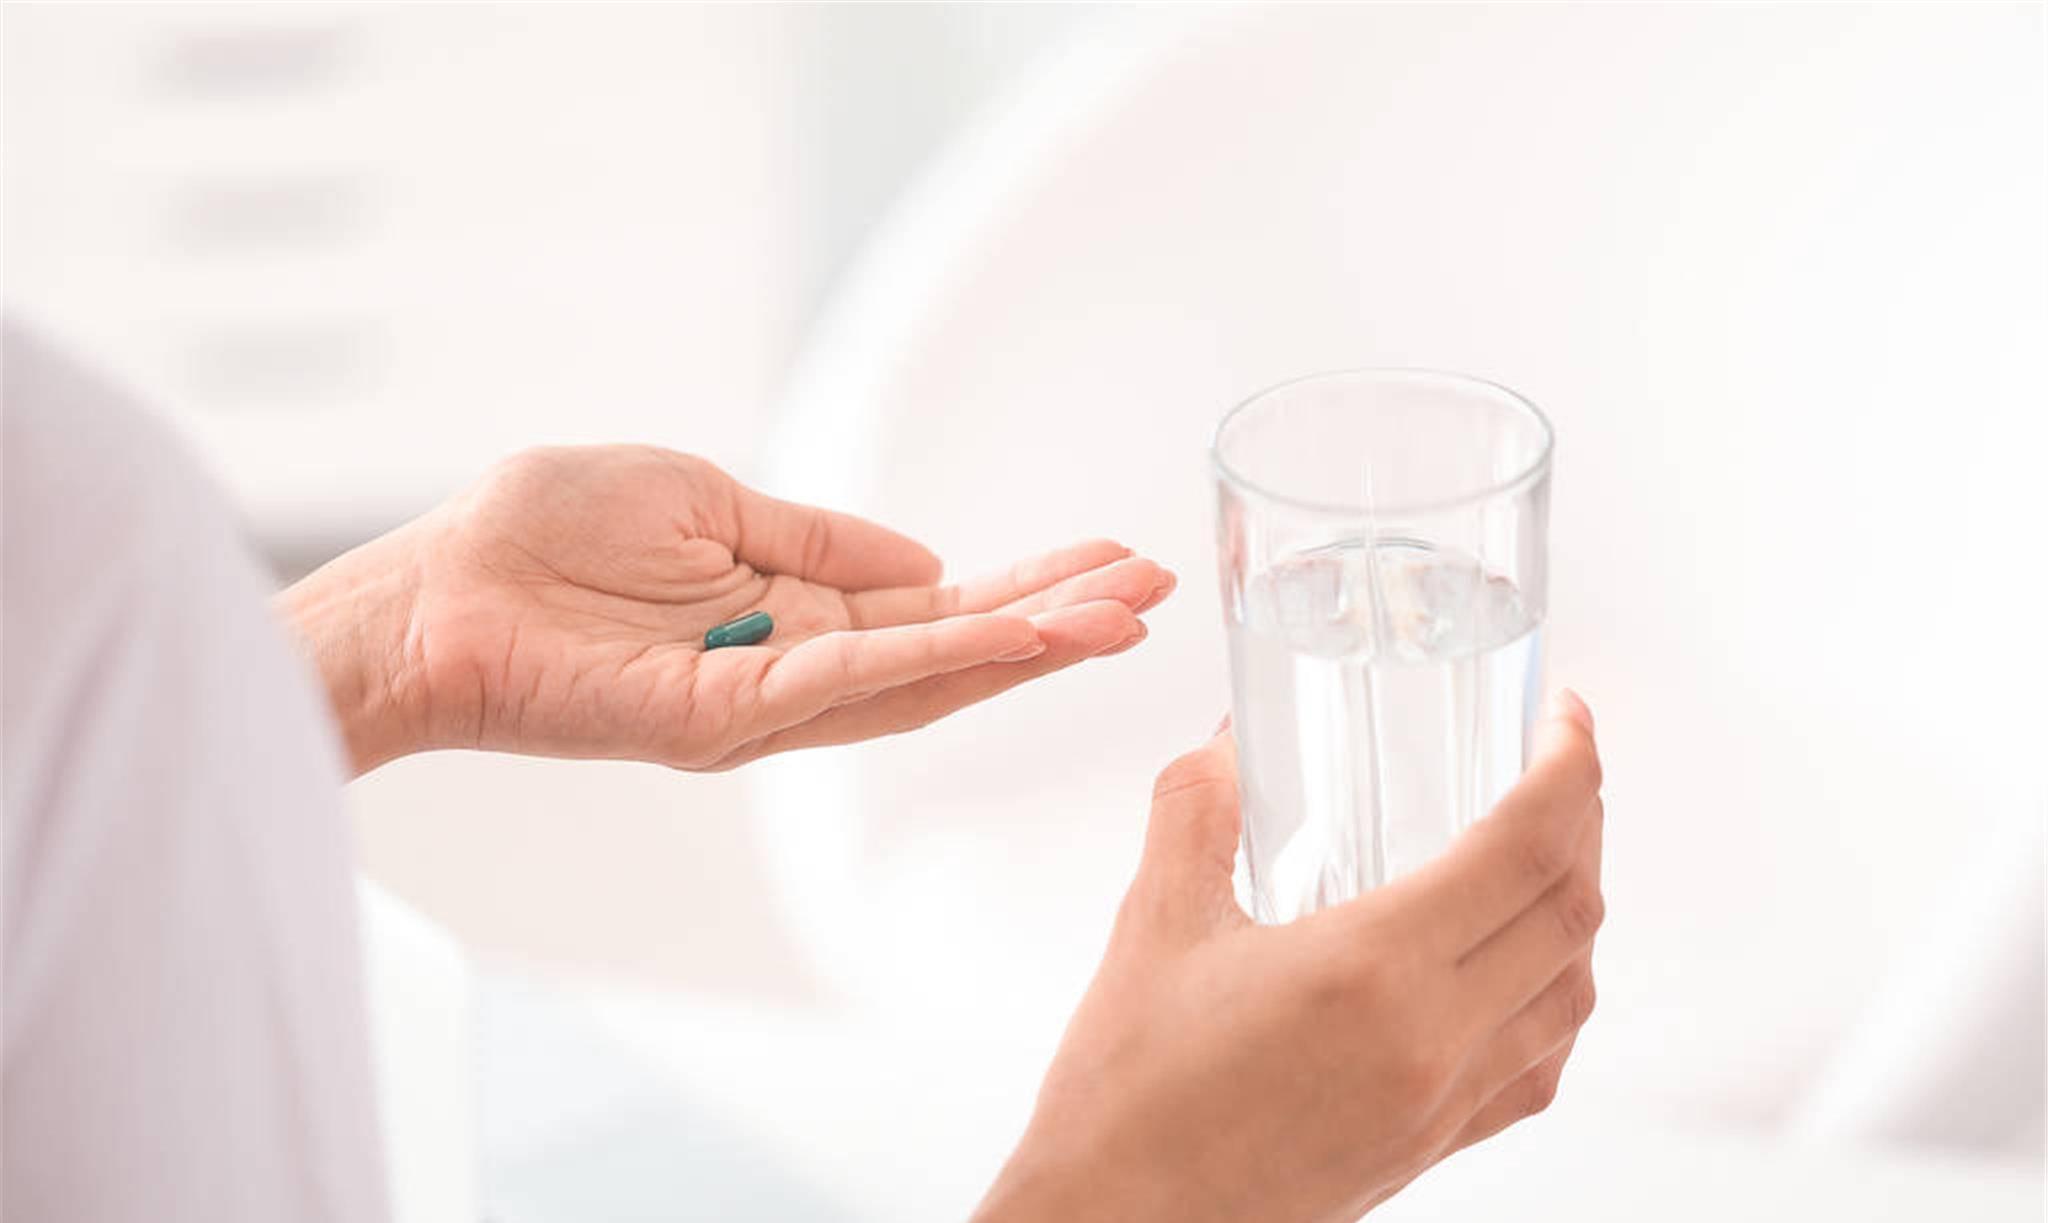 头痛怎么办快速缓解 快速缓解头痛的6个方法